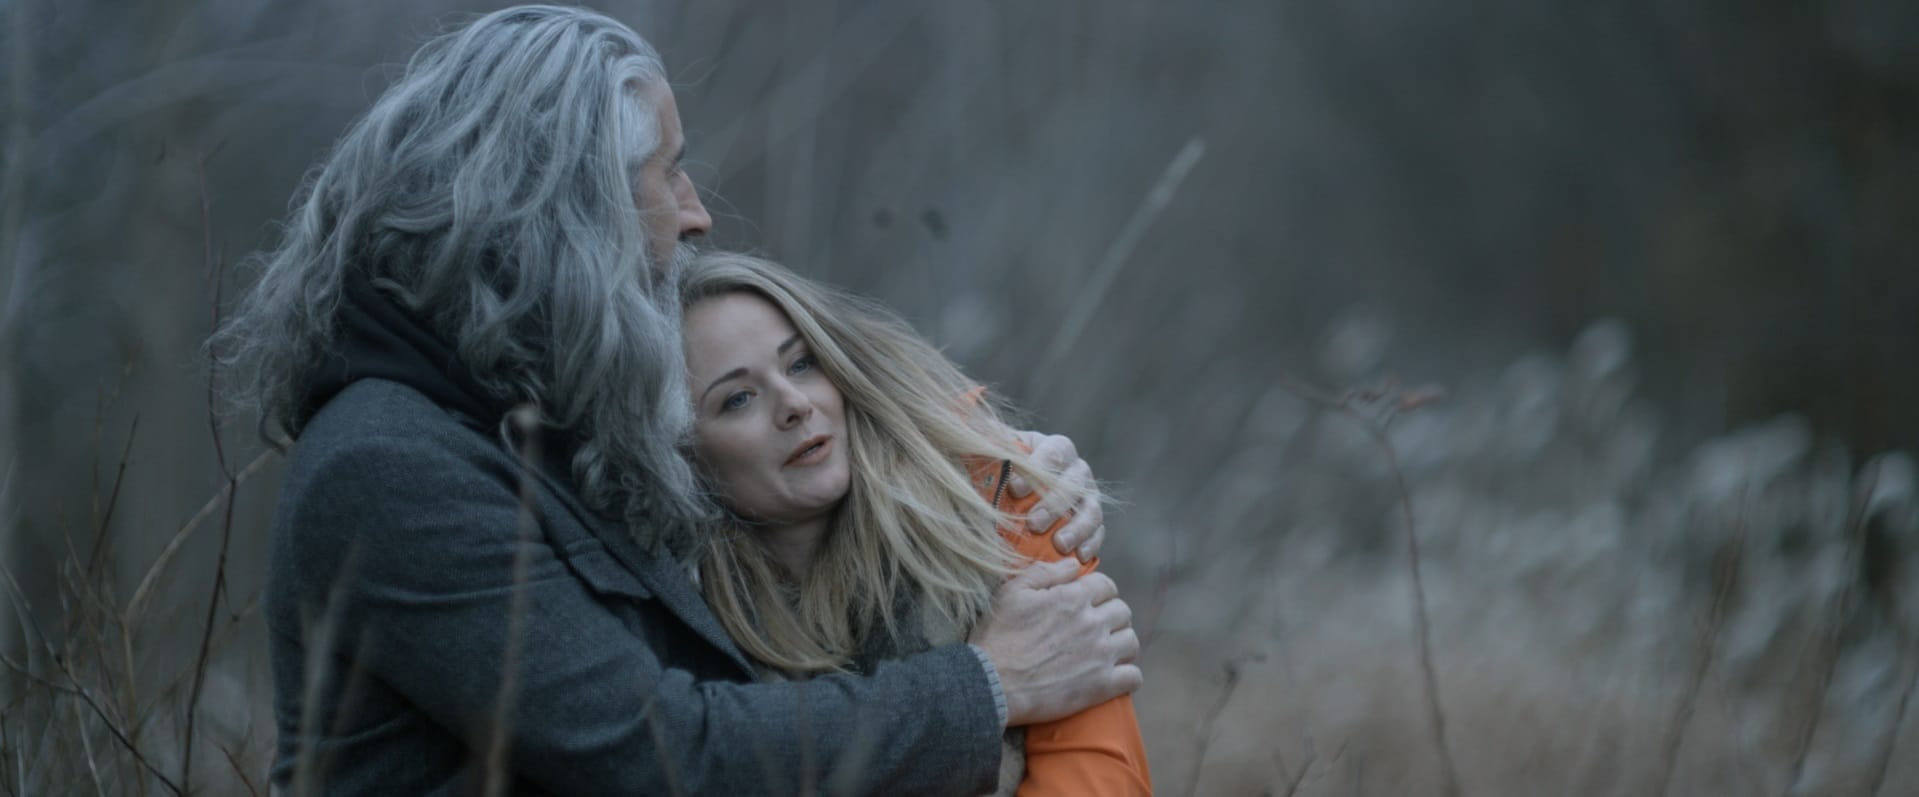 Drew, die Hauptfigur aus Lifechanger, ist nun ein Mann mittleren Alters mit langen grauen Haaren und Bart. Er sitzt gemeinsam mit seiner Freundin Julia in einer Wiese, sie lehnt ihren Kopf sanft an seine Schulter.